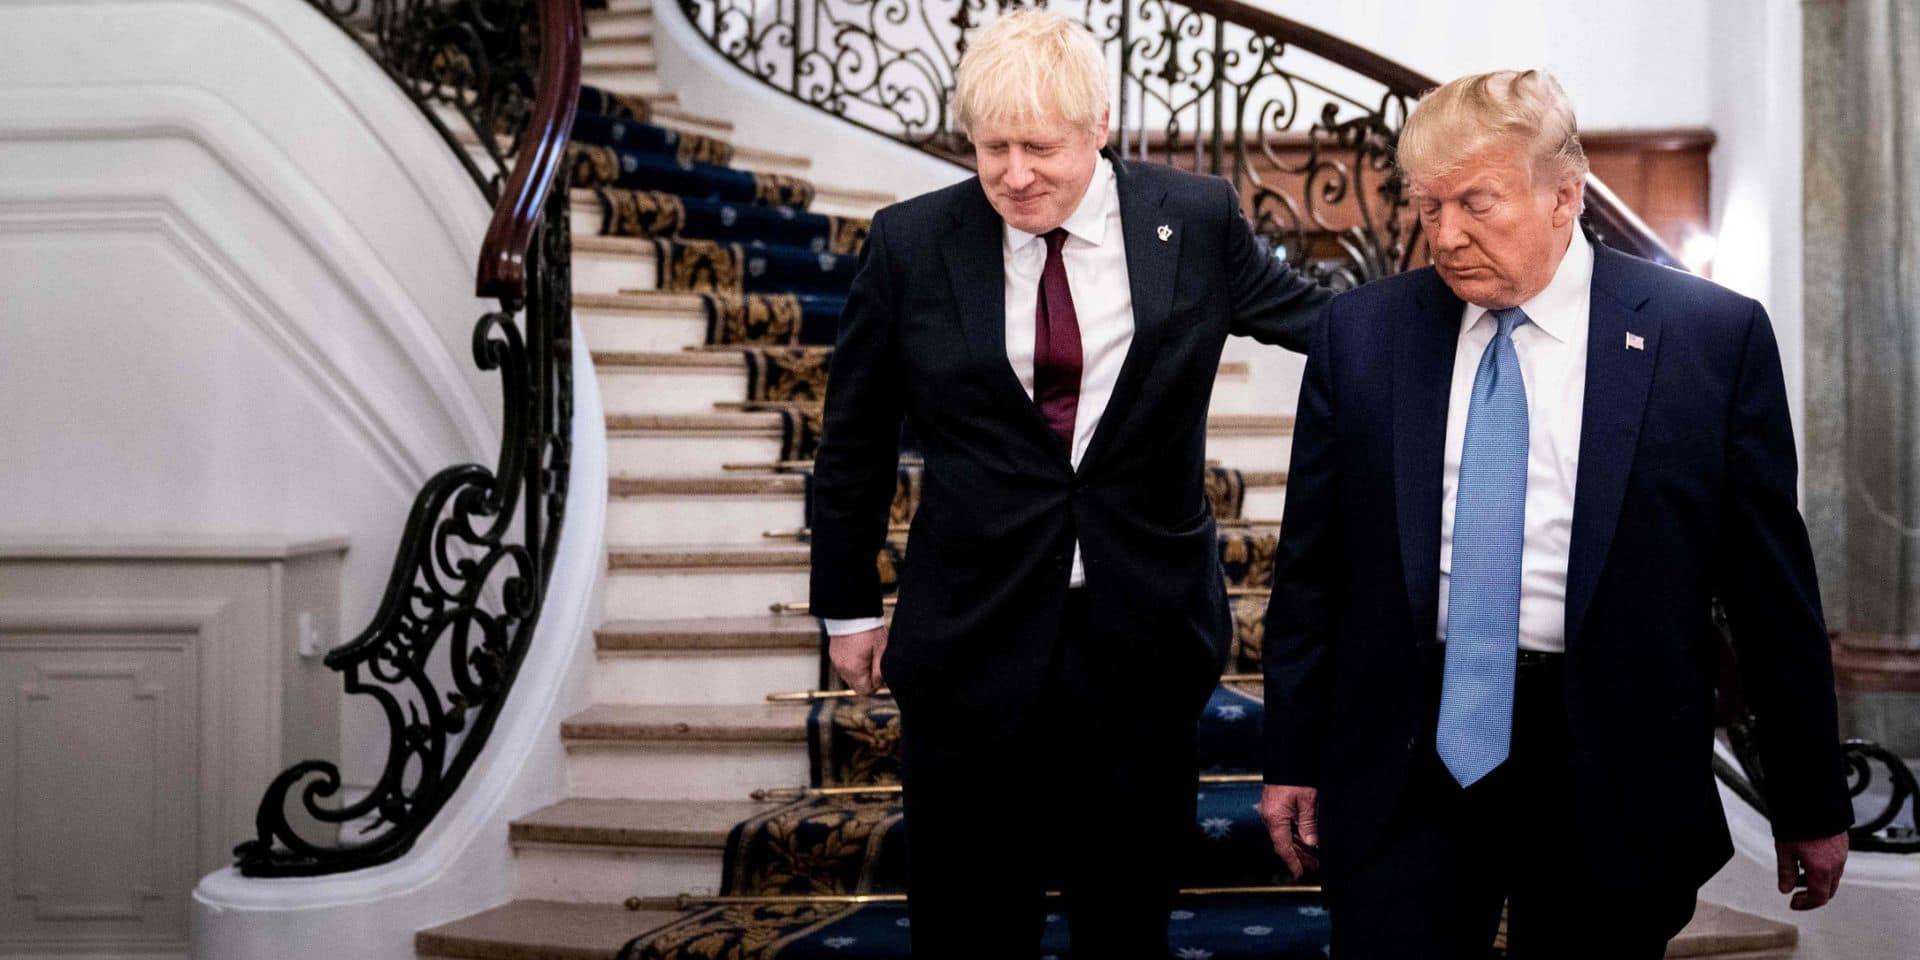 Donald Trump et Boris Johnson se rencontrent pour la première fois en marge du G7